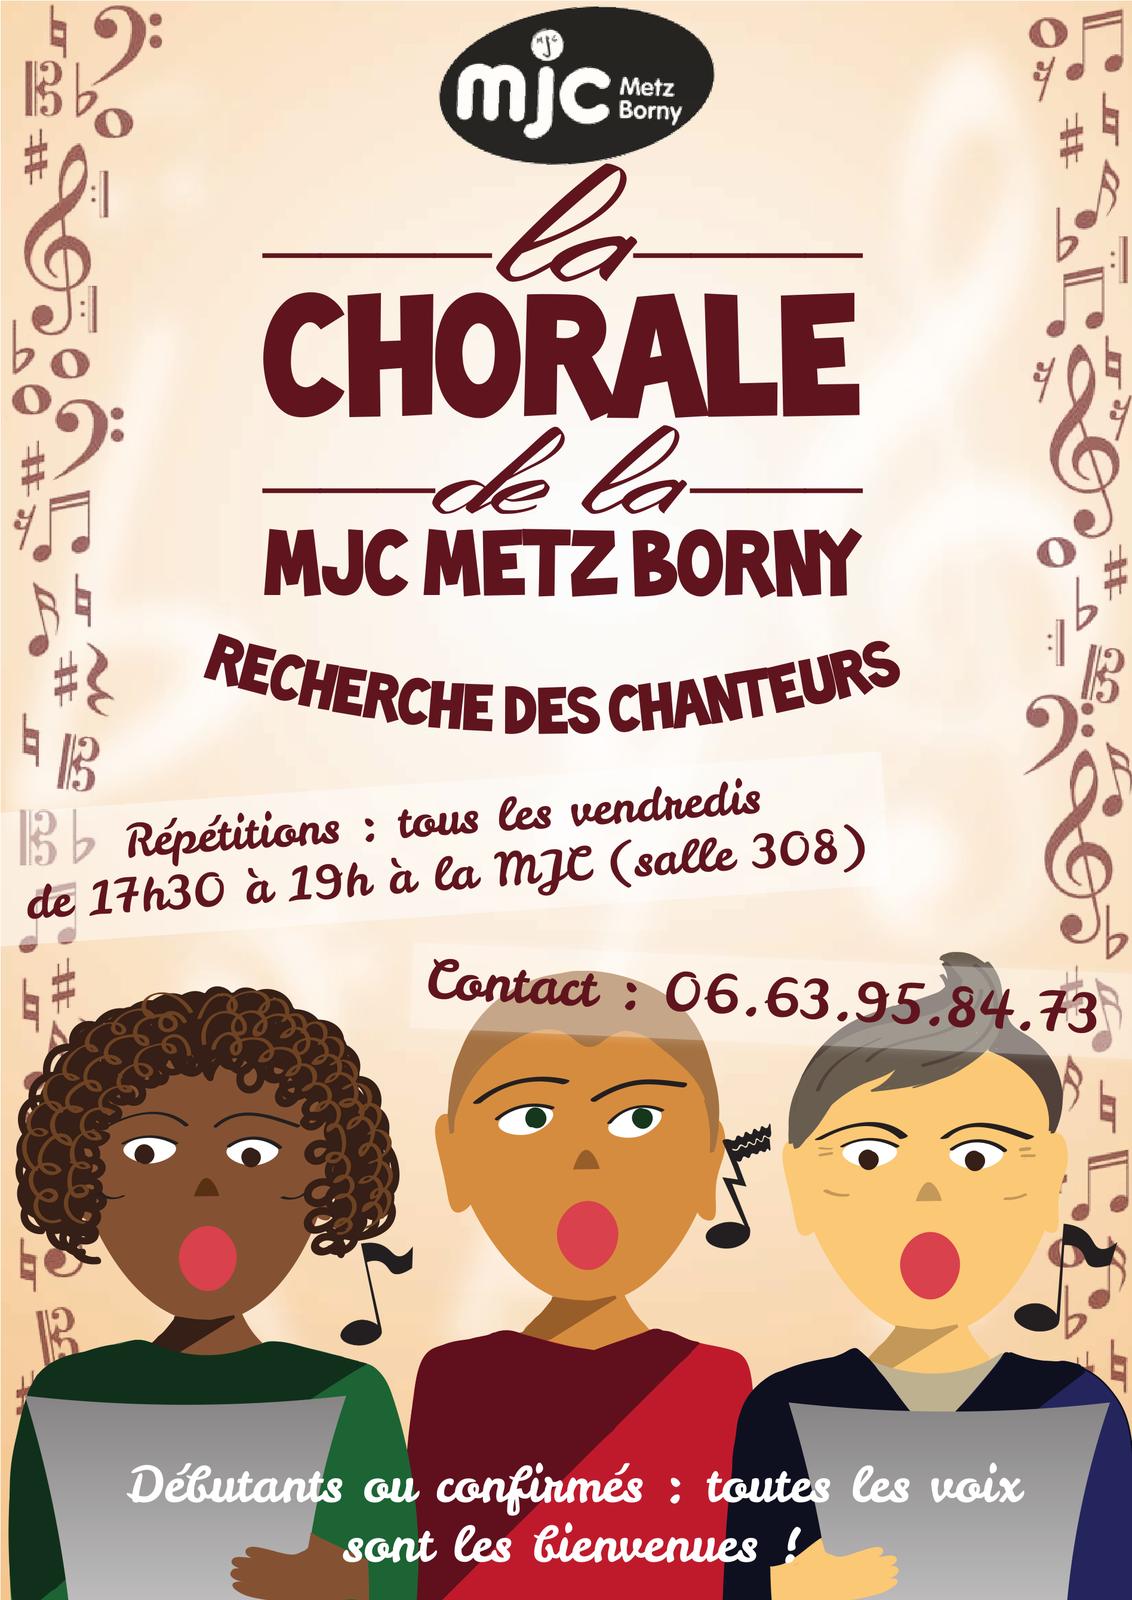 La chorale de la MJC de METZ BORNY recherche des chanteurs